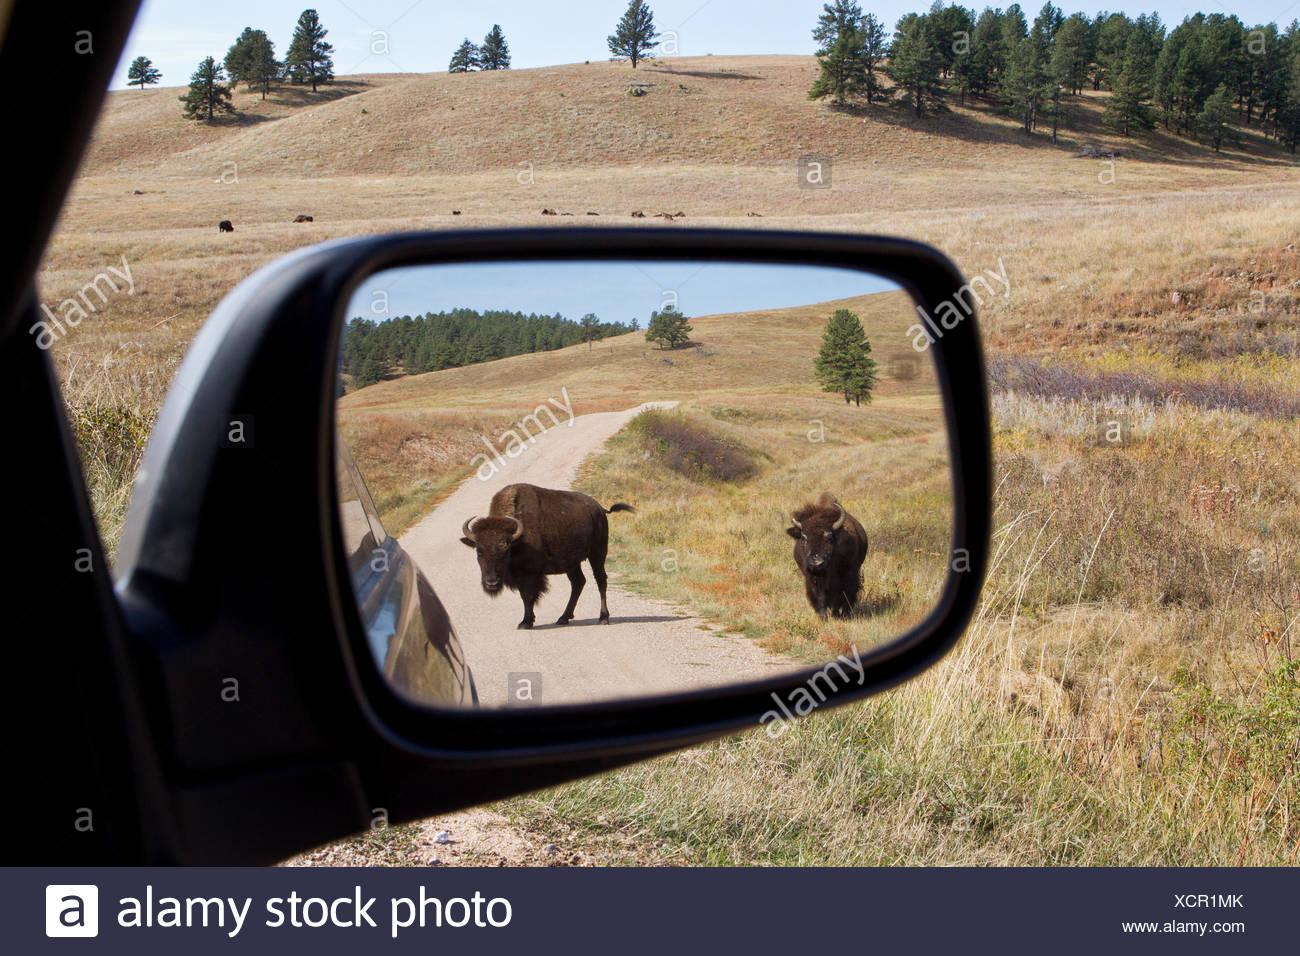 Pianure (Bison bison bison bison) in specchietto retrovisore (e allevamento in distanza), Custer State Park, Sud Dakota. Immagini Stock